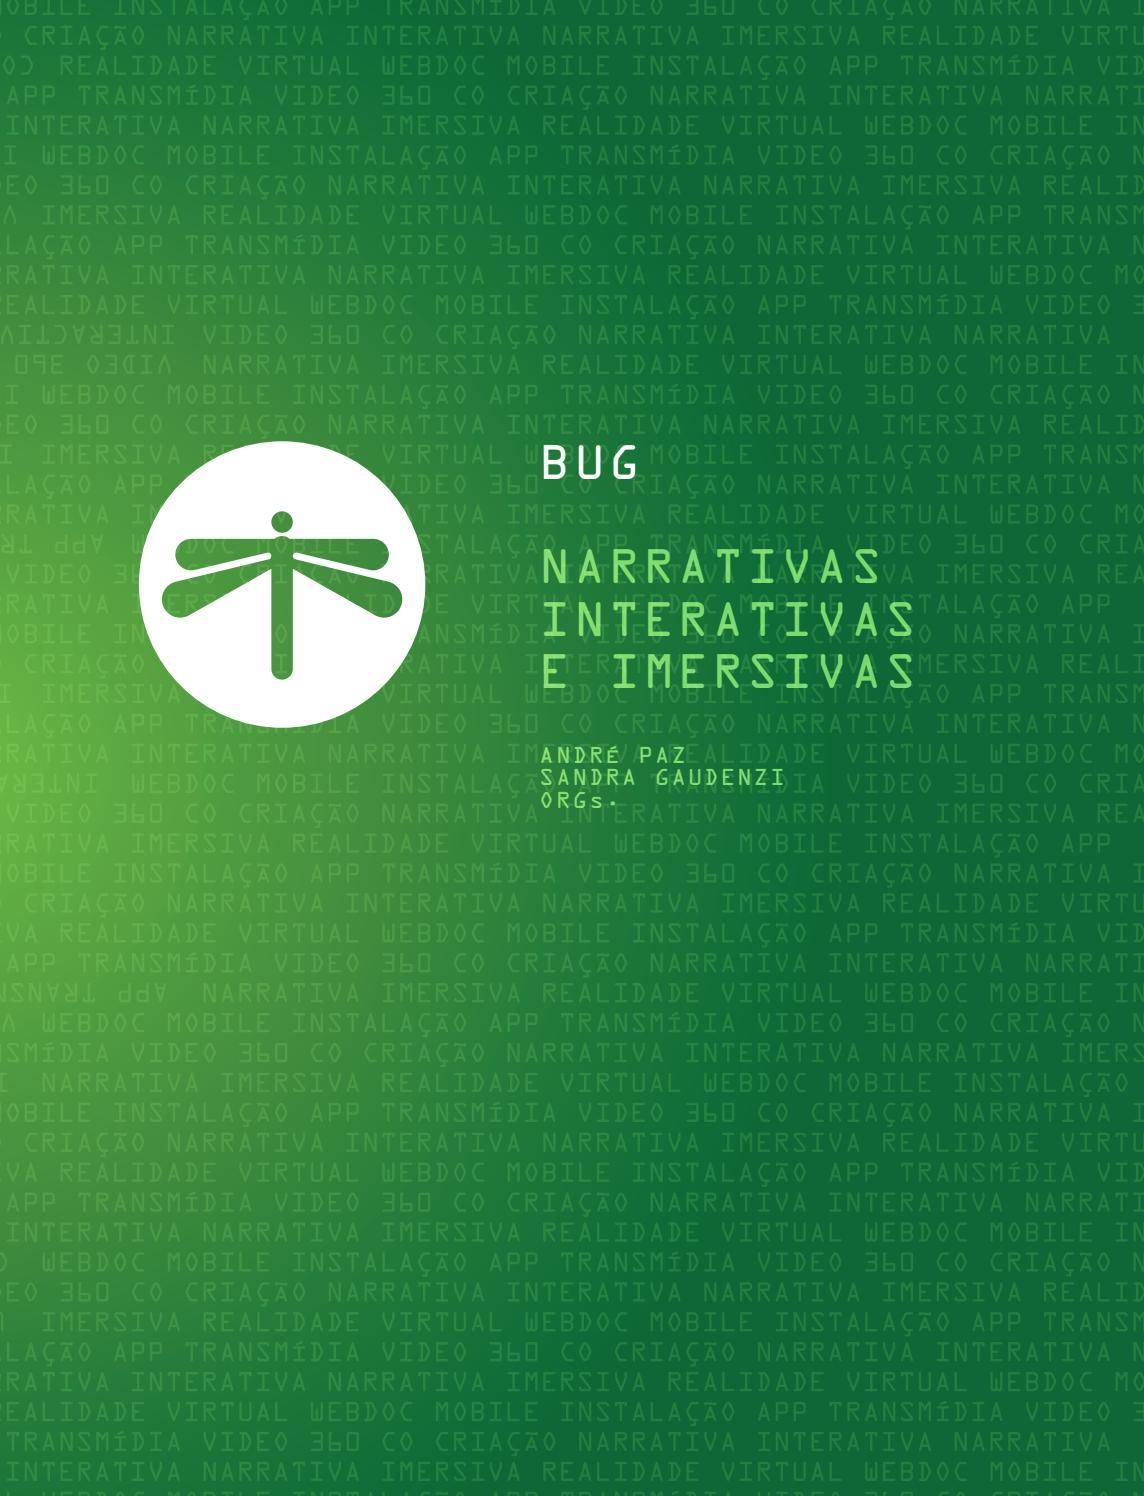 Bug: Narrativas Interativas e Imersivas by BUG 404 - issuu